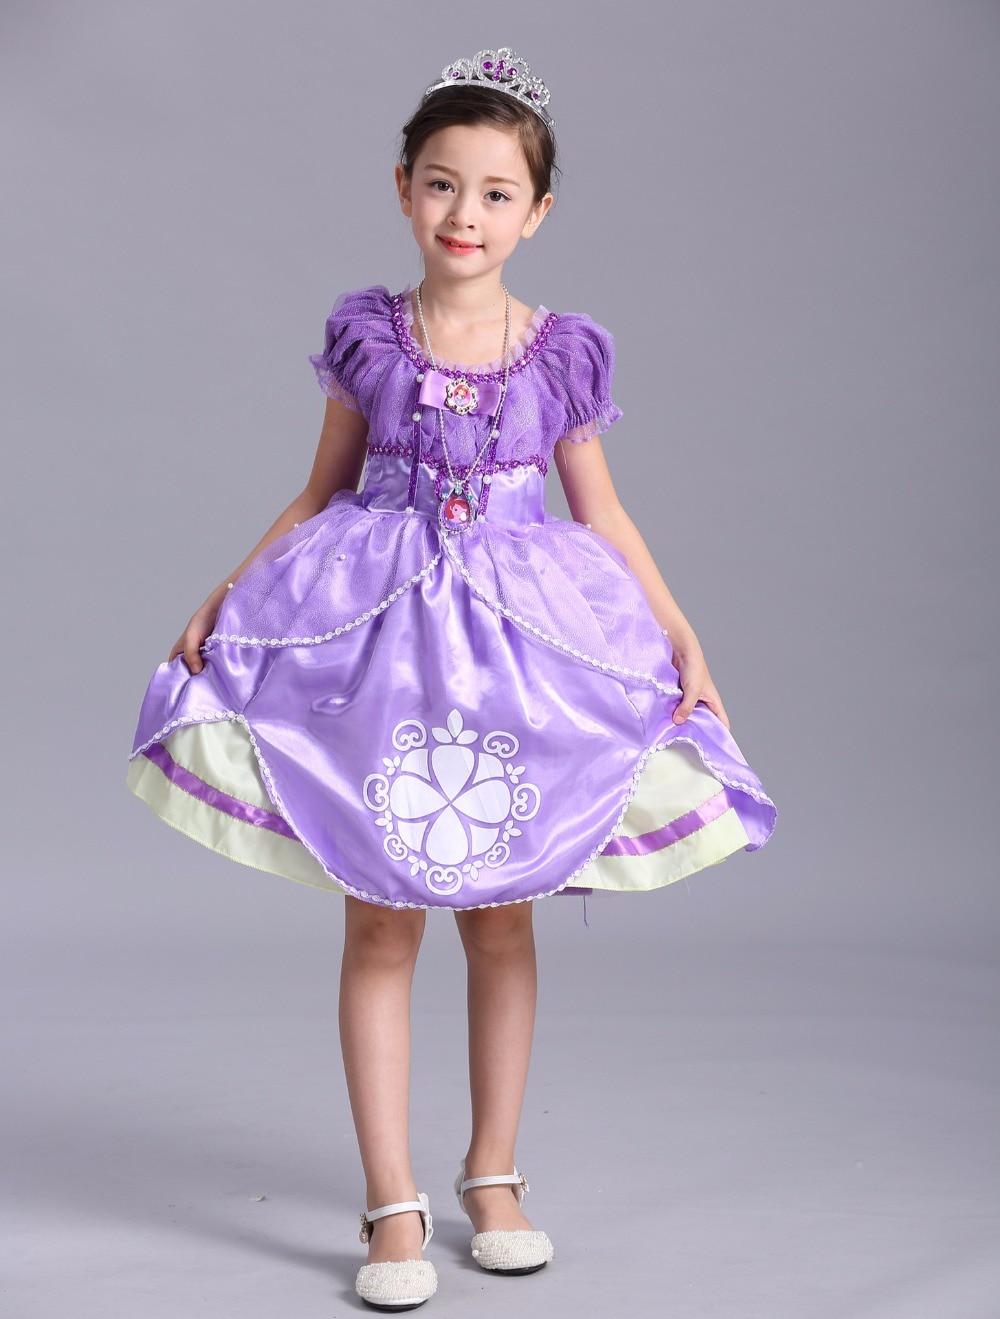 Increíble Vestirse Para La Fiesta De Cumpleaños 16a Regalo - Vestido ...